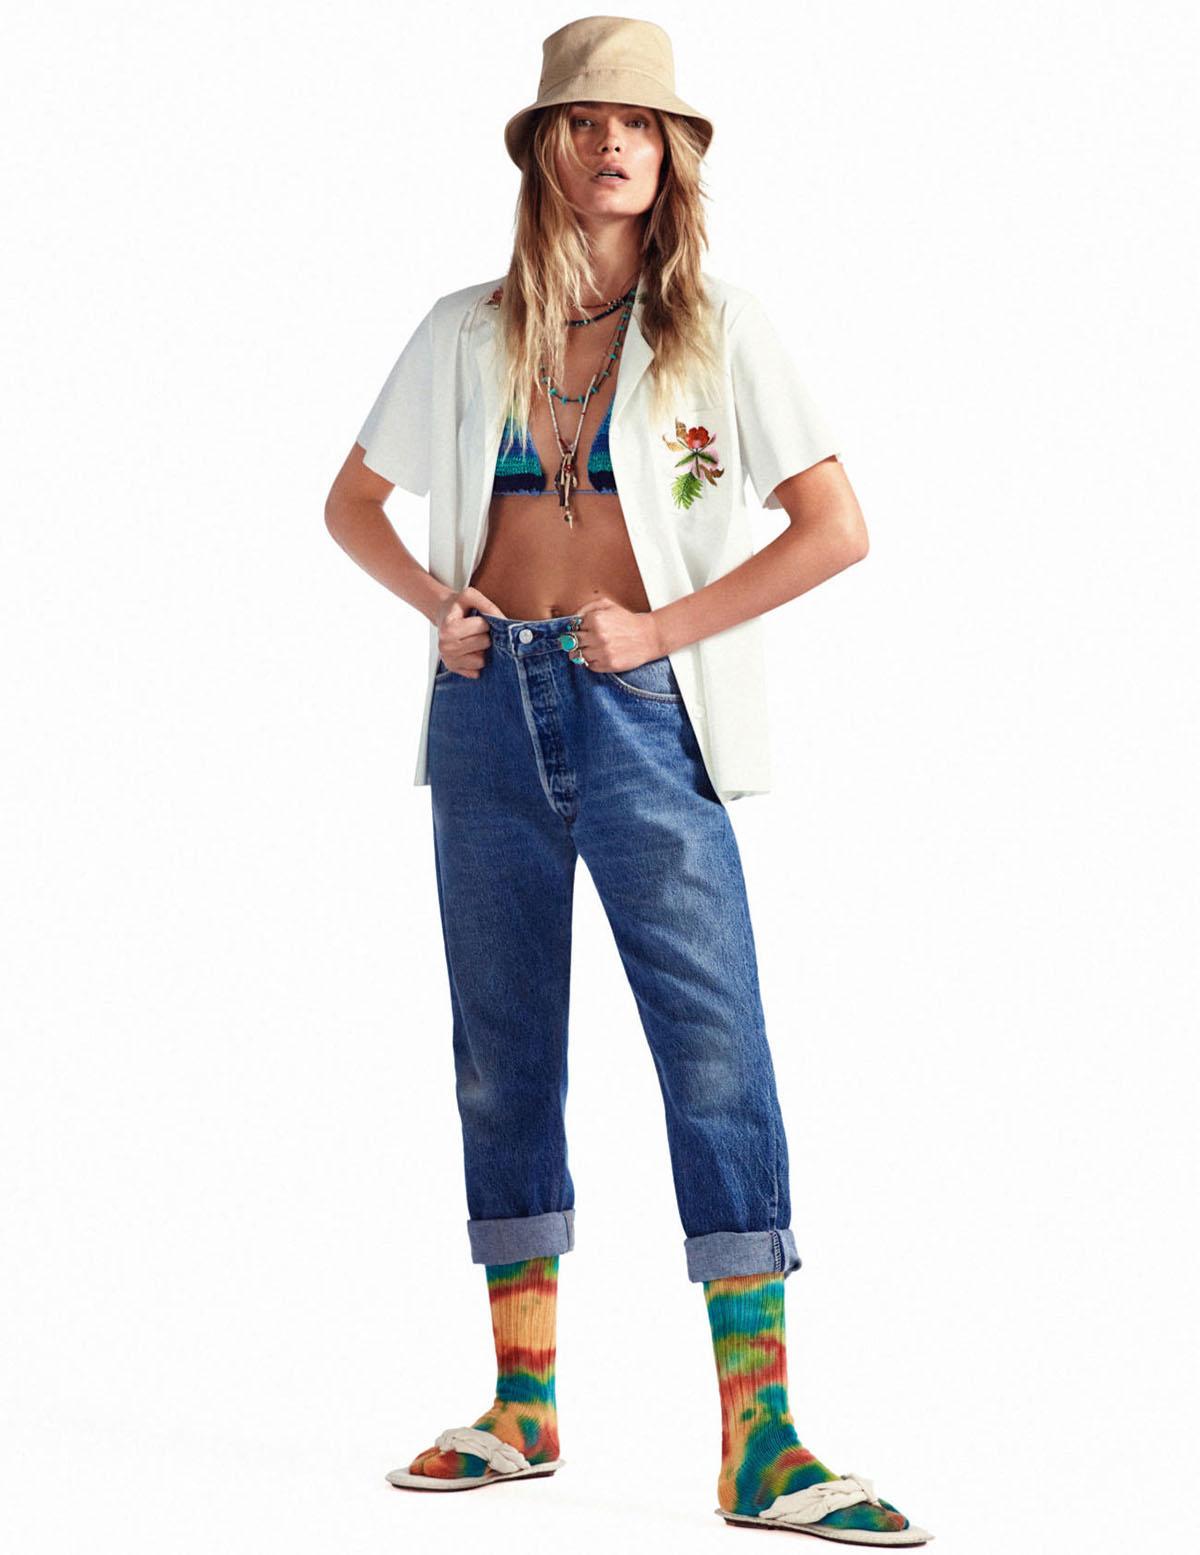 Natasha Poly by Mark Kean for Vogue Paris May 2021